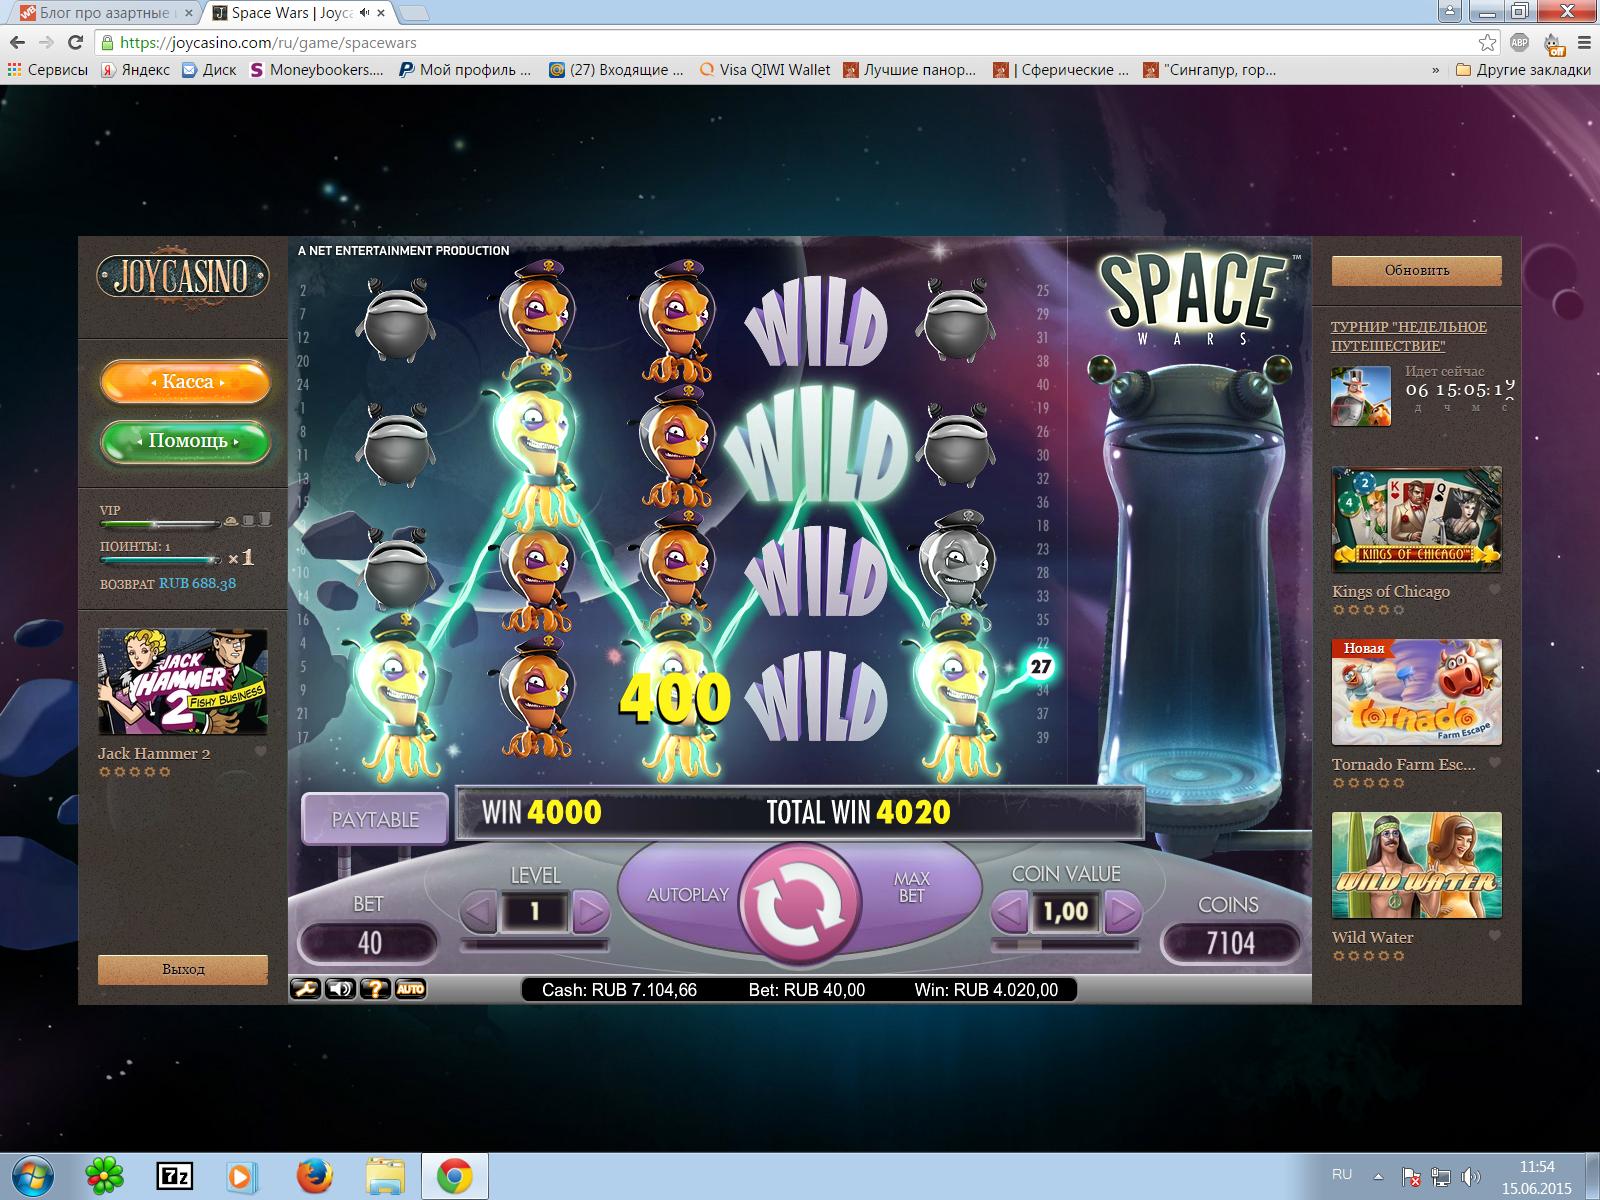 Онлайн казино с хорошим процентом игровые автоматы играть бесплатно онлайн kolobok.hutorok